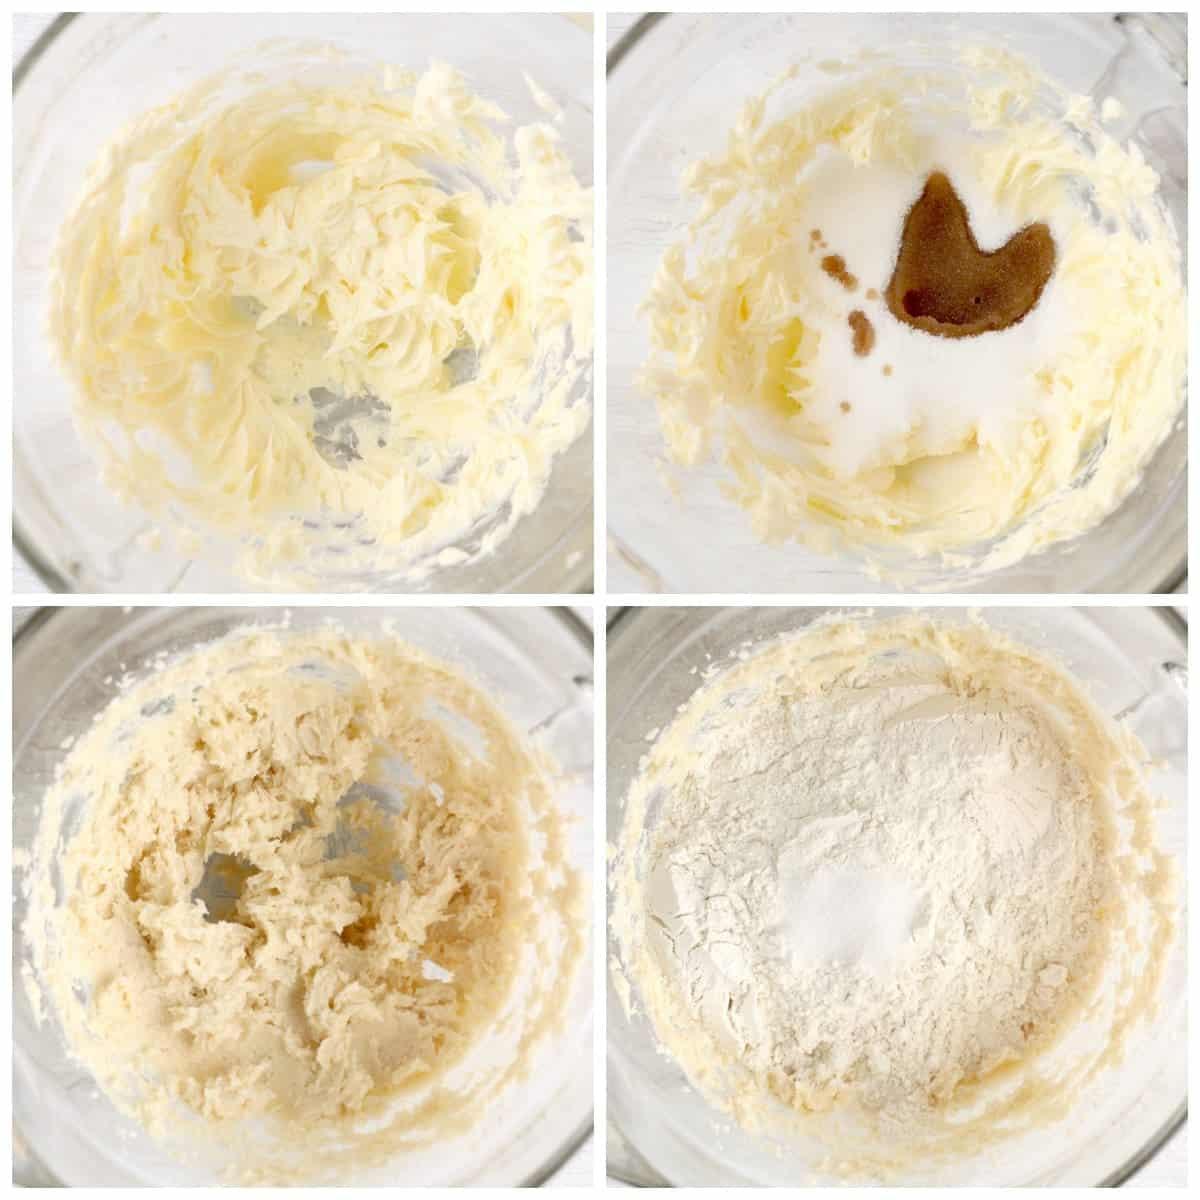 Cuatro fotos de proceso.  Primero, mantequilla batida en un tazón.  Segundo, ingredientes húmedos agregados a la mantequilla batida.  Tercero, ingredientes húmedos batidos.  Cuarto, poner los ingredientes secos encima.